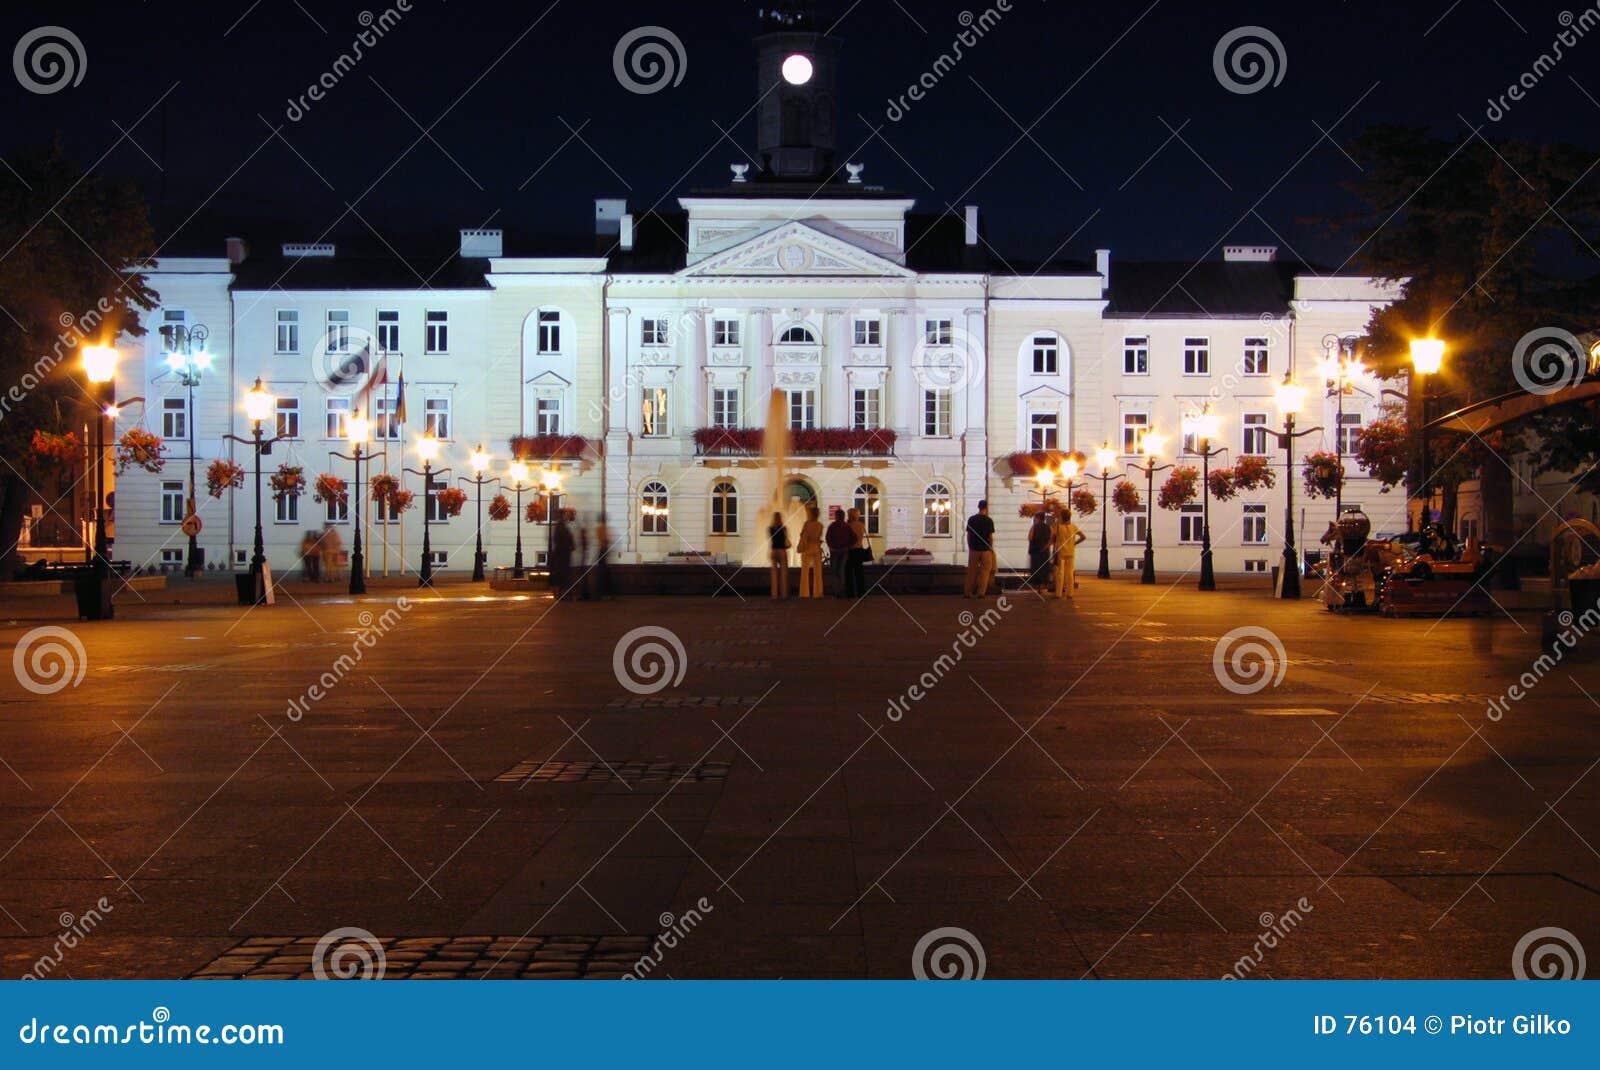 Hôtel de ville par nuit.